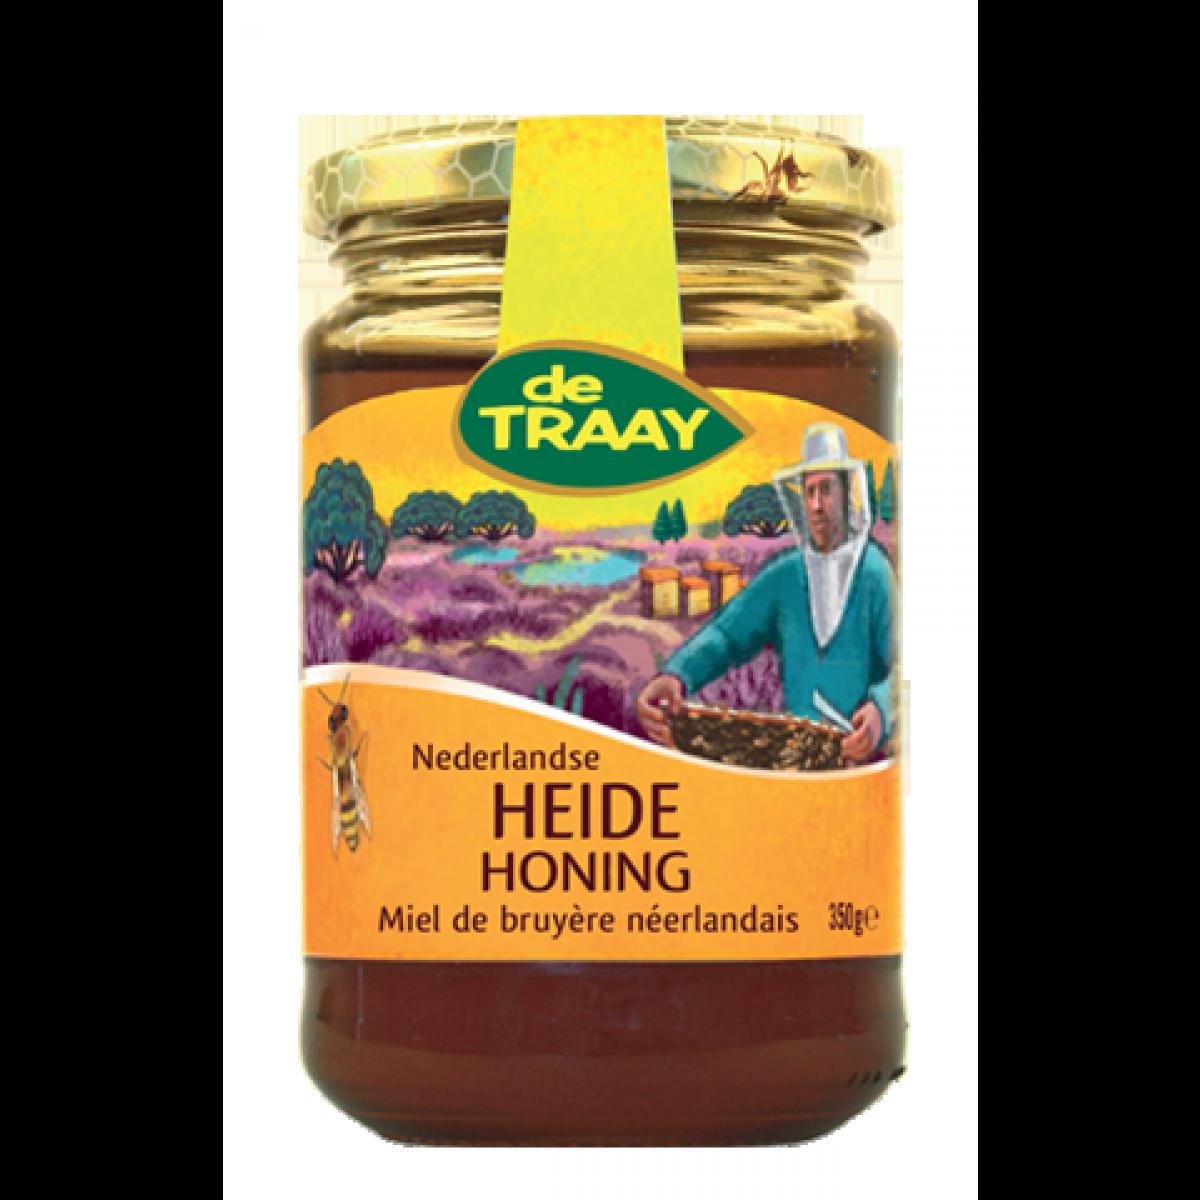 Heide Honing